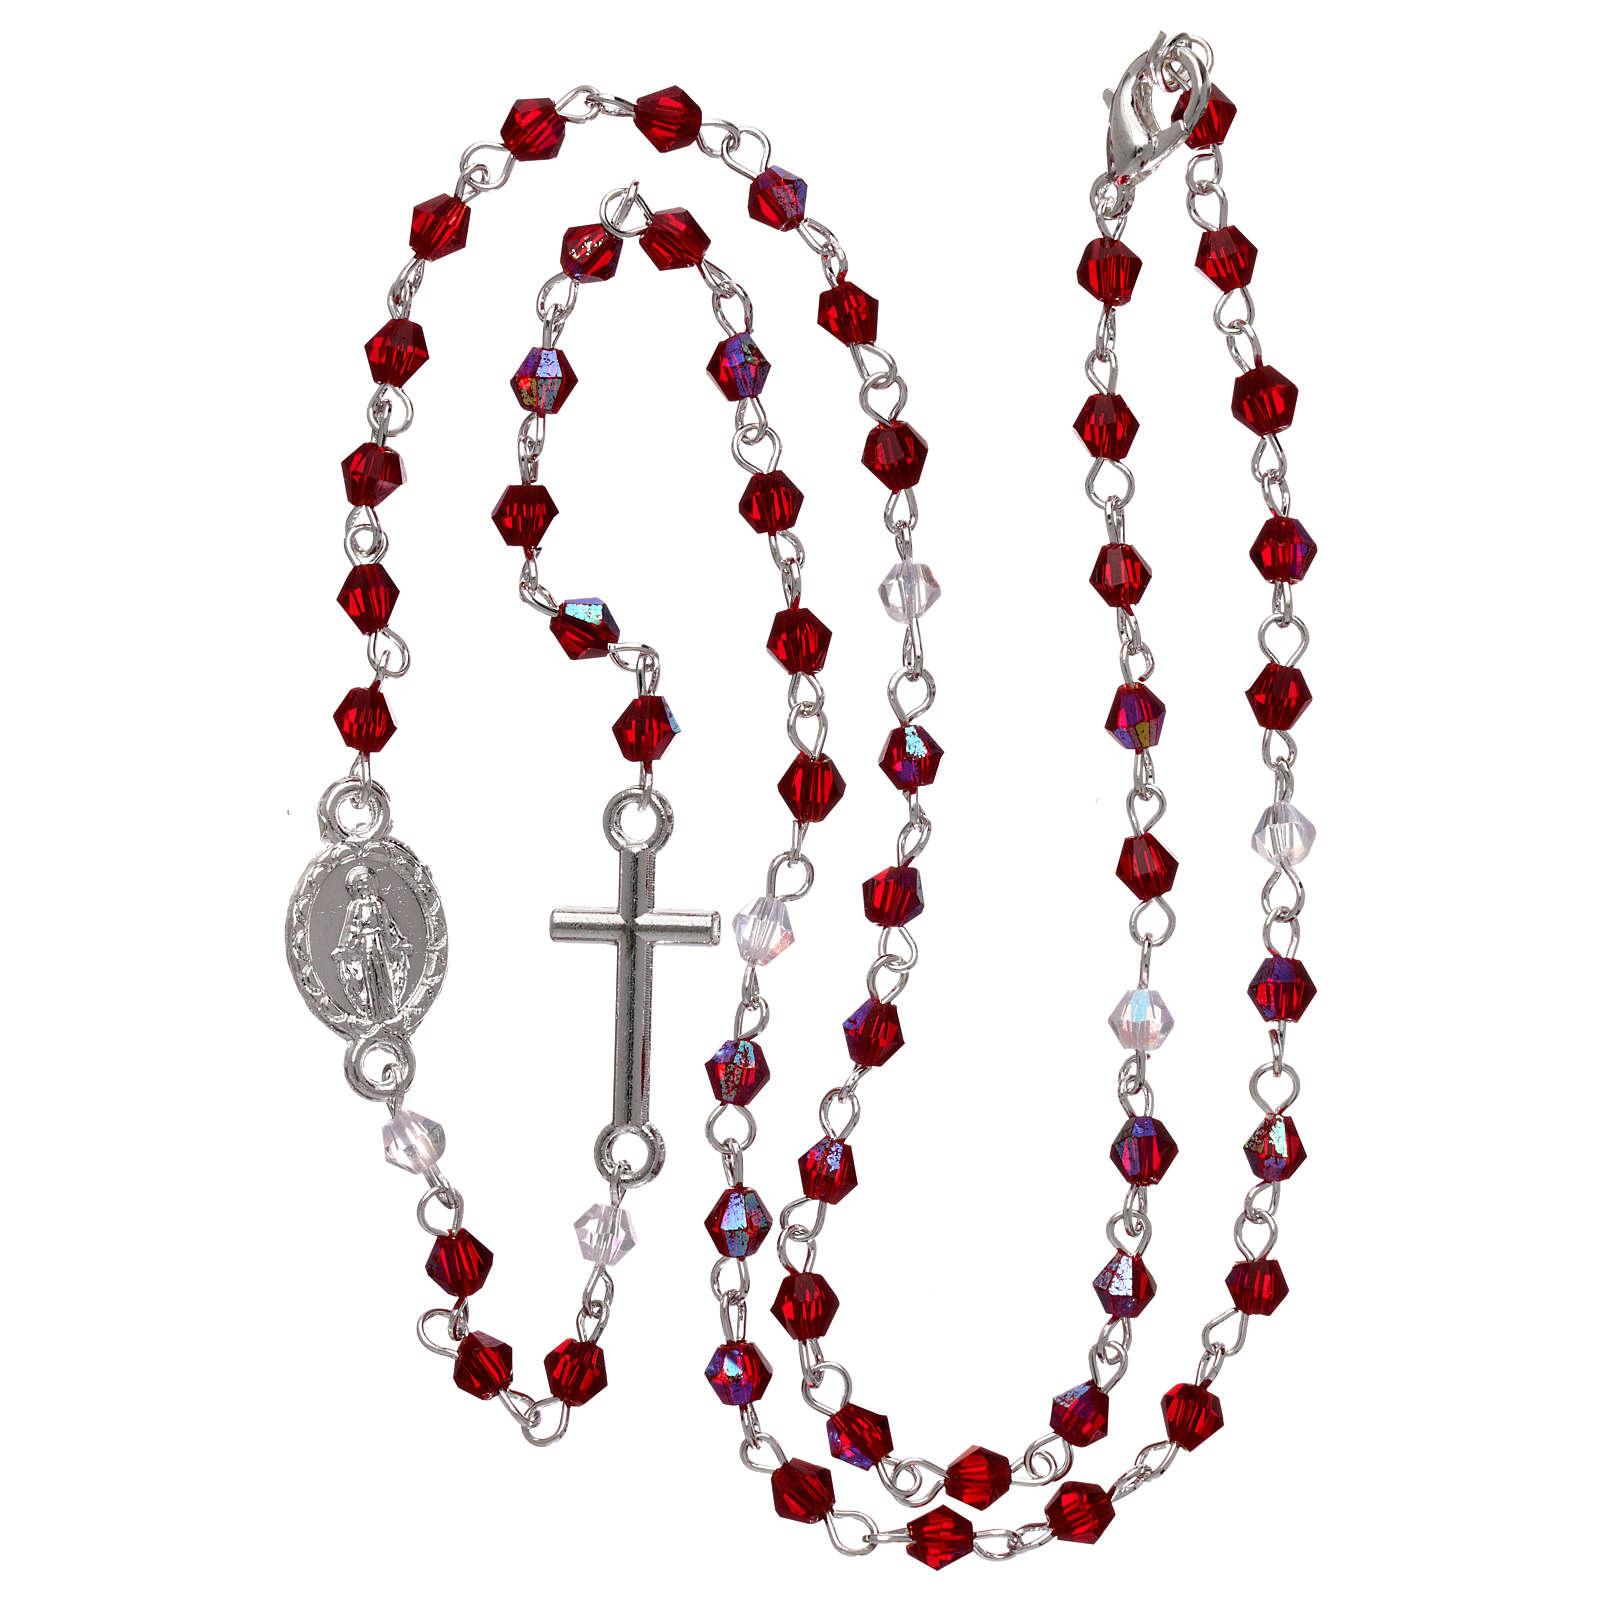 Rosario a collana mezzo cristallo 3 mm ovale rosso iridescente 4